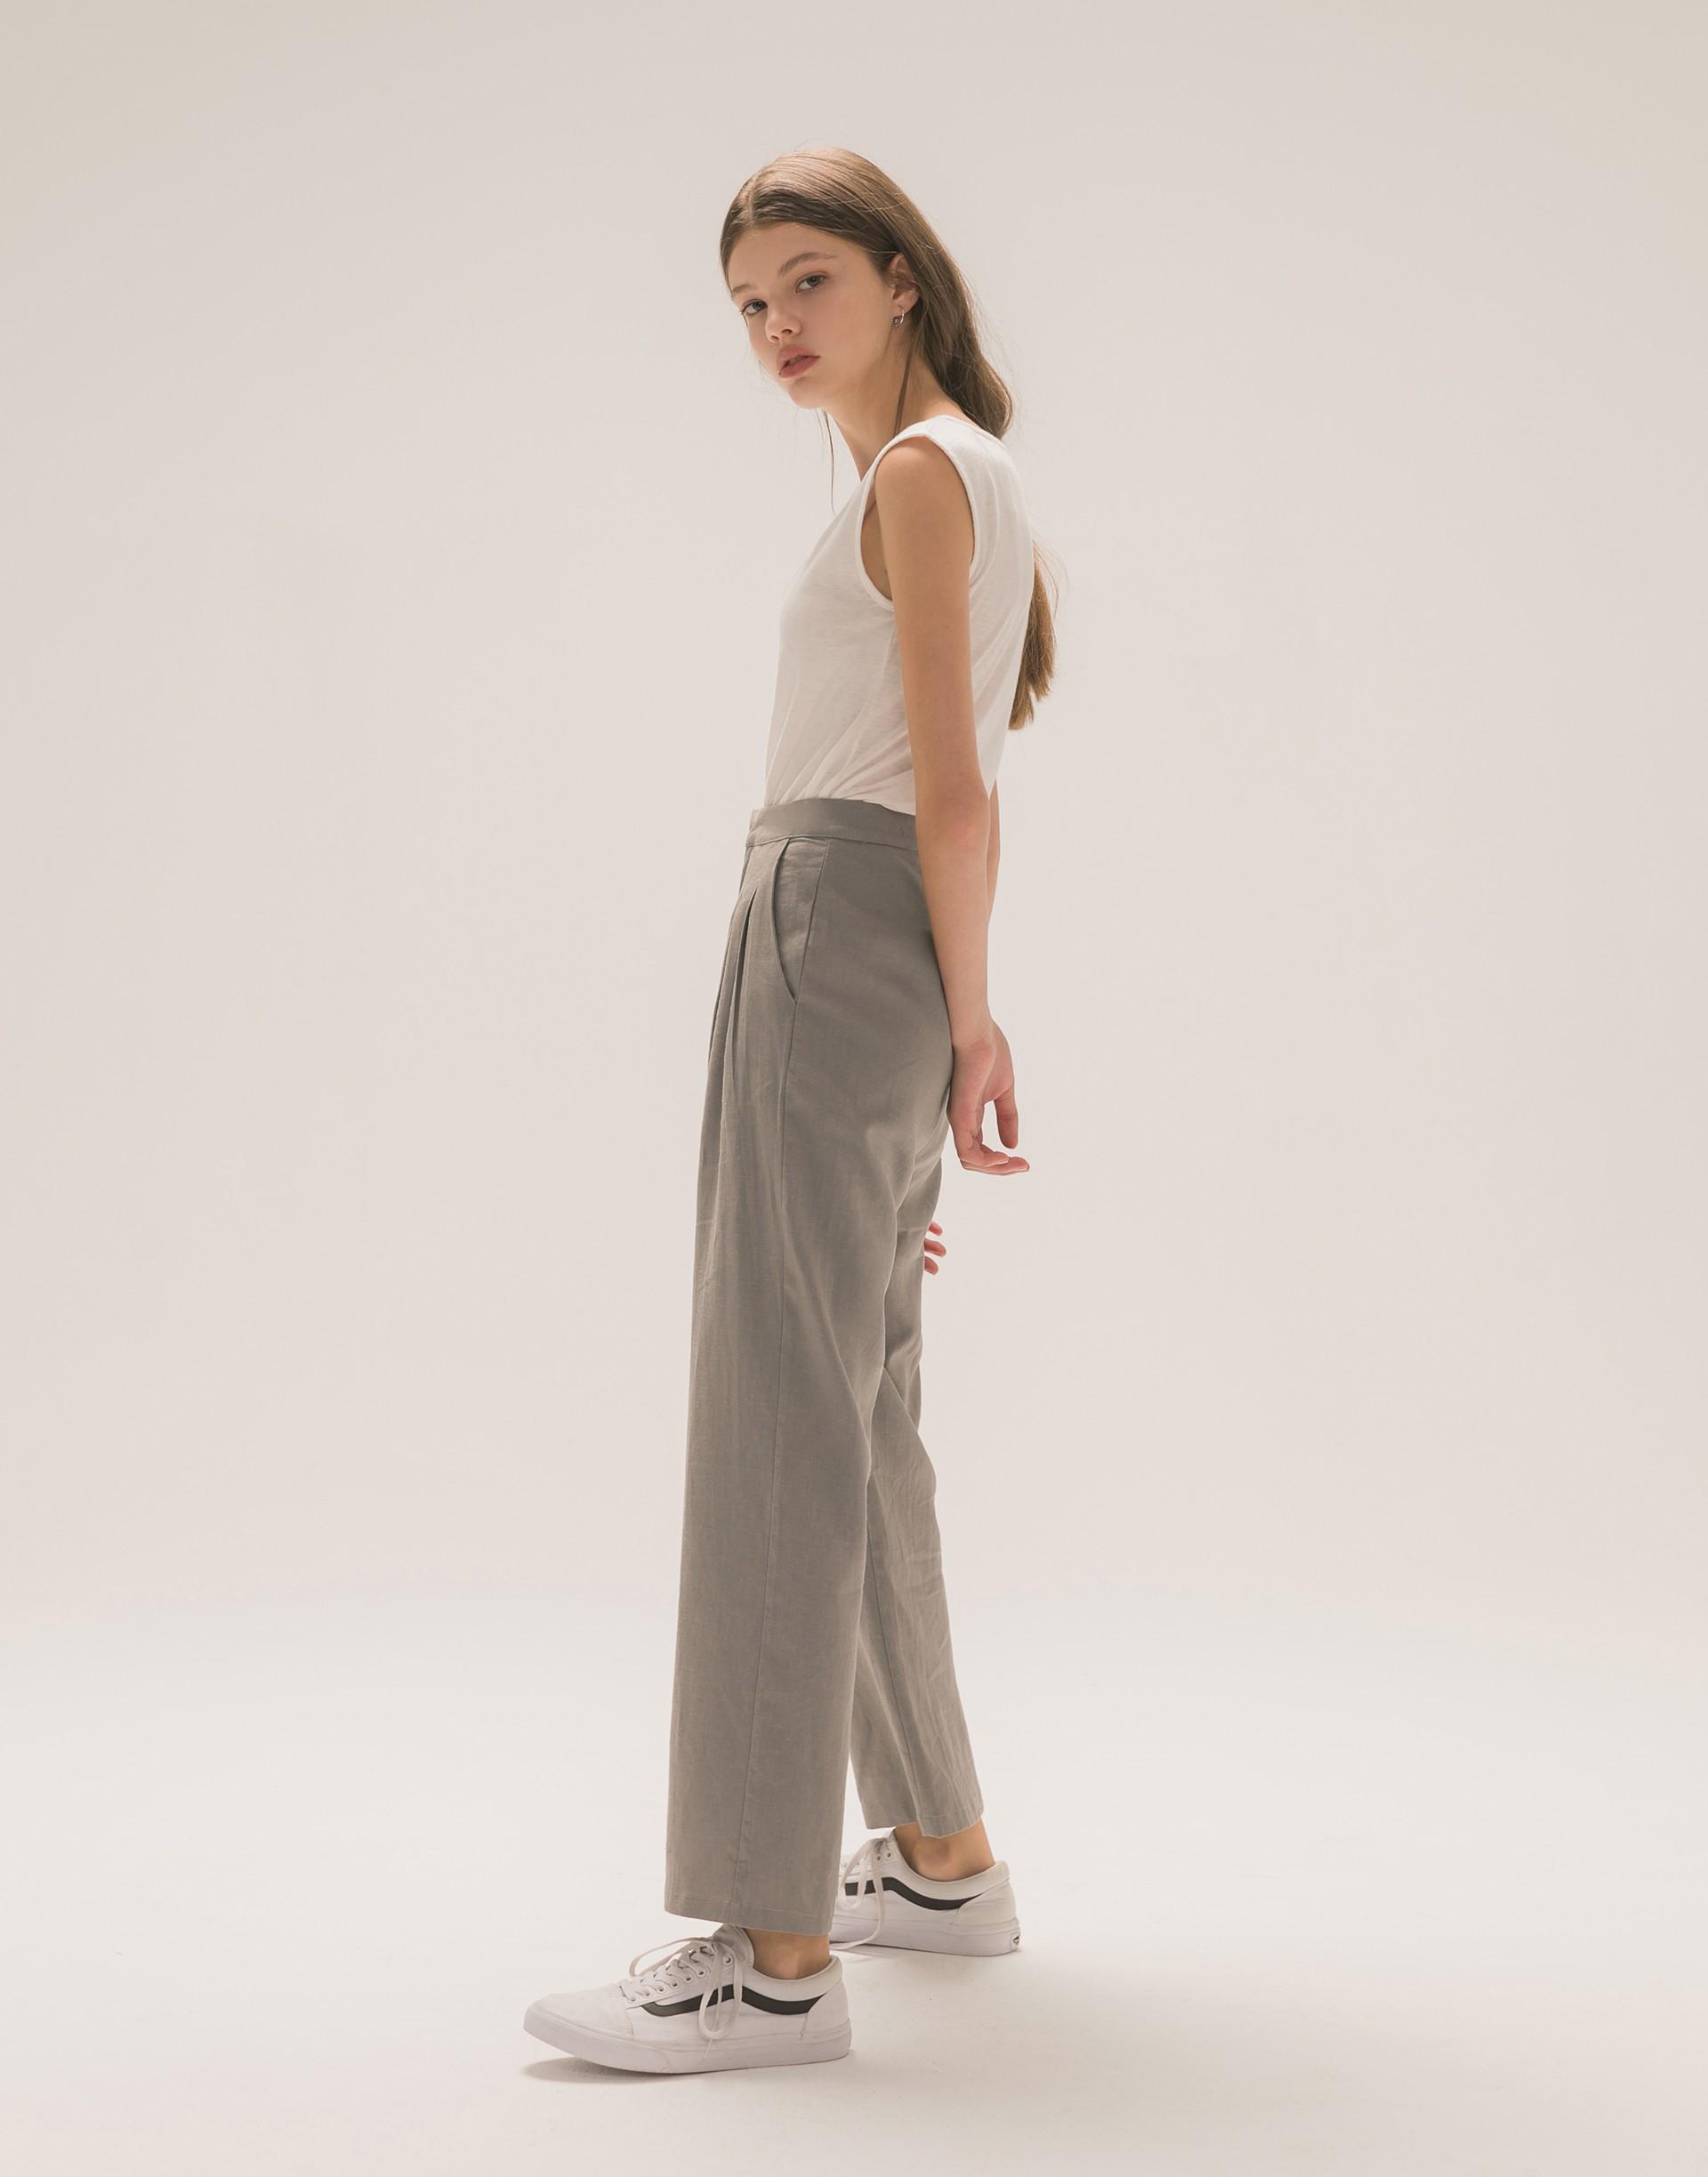 彈性:適中 柔軟舒適、薄感棉麻質料、前壓褶設計、兩側有口袋、時髦修飾老爺褲版型